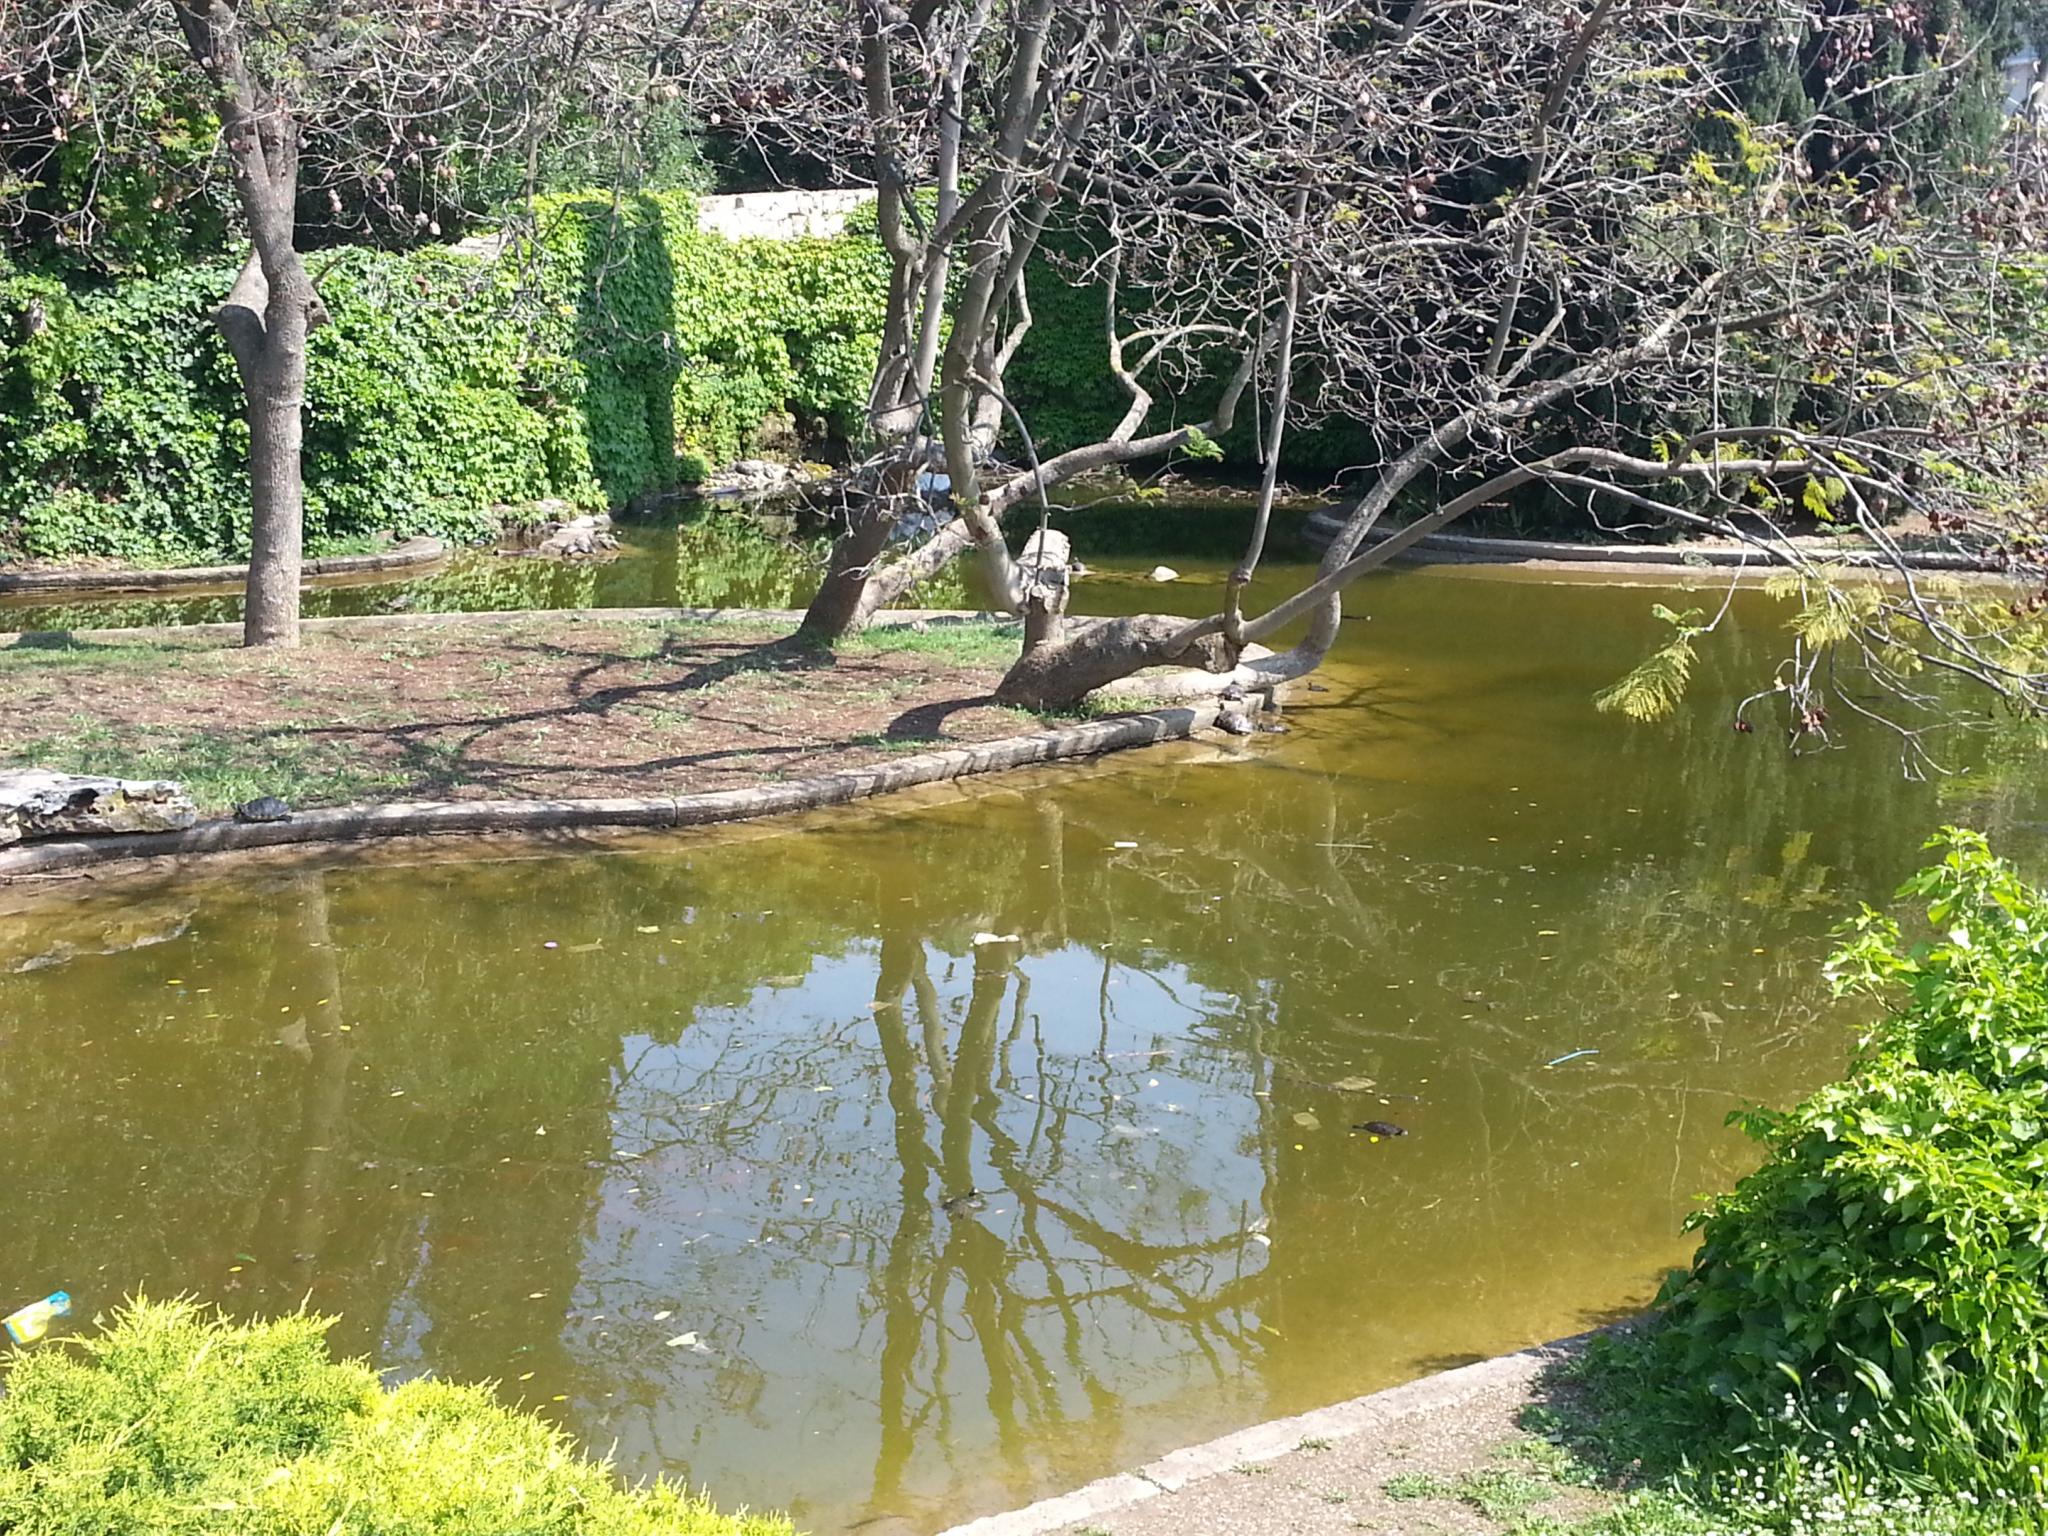 Lago di parco 2 giugno sporco la denuncia del m5s for Pulizia laghetto